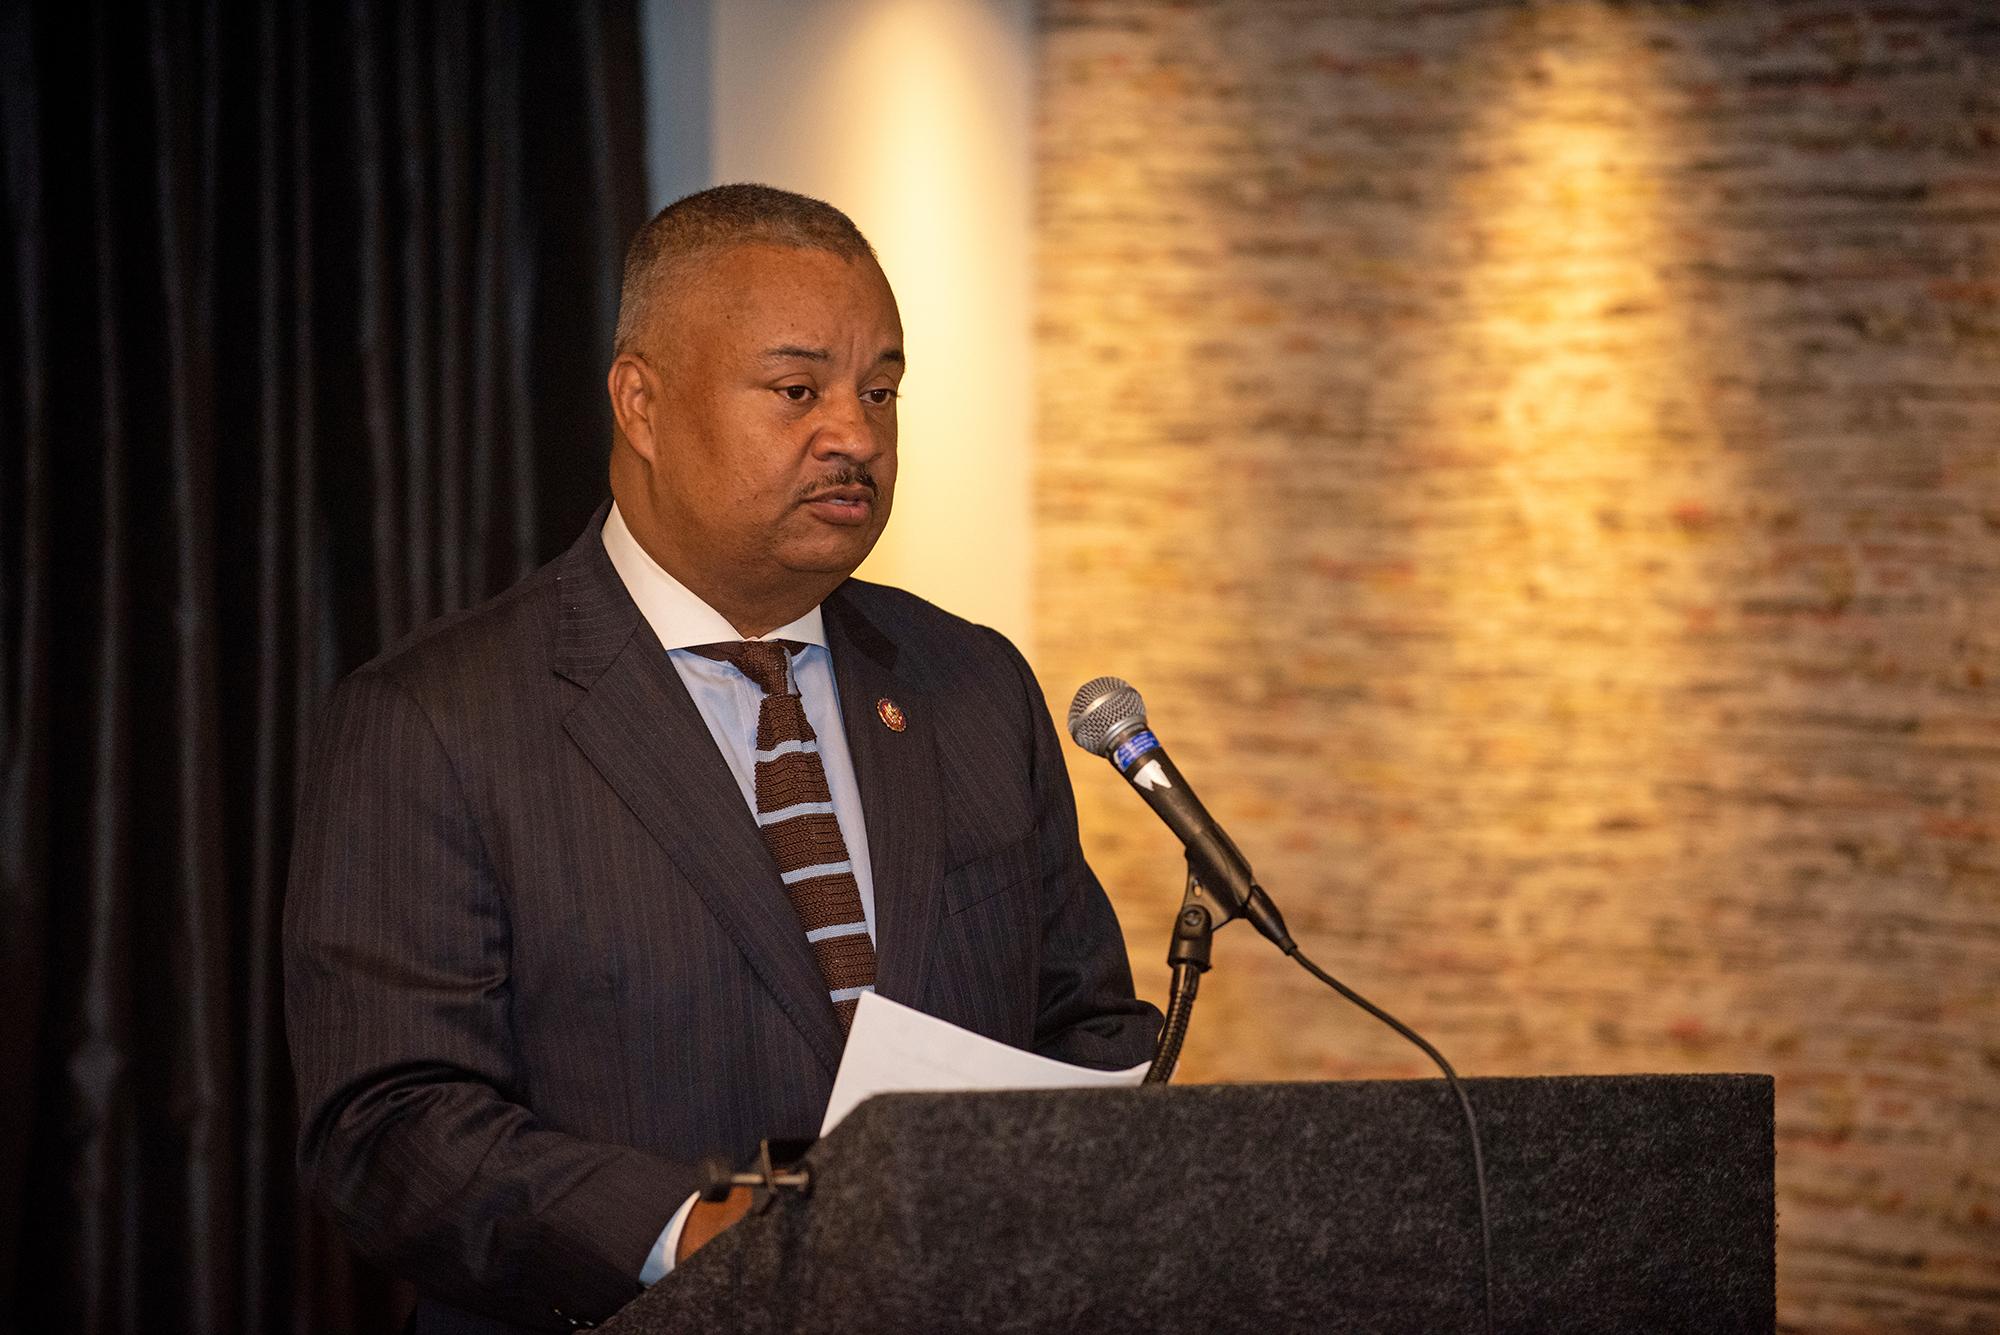 Donald Payne Jr. speaking at a podium